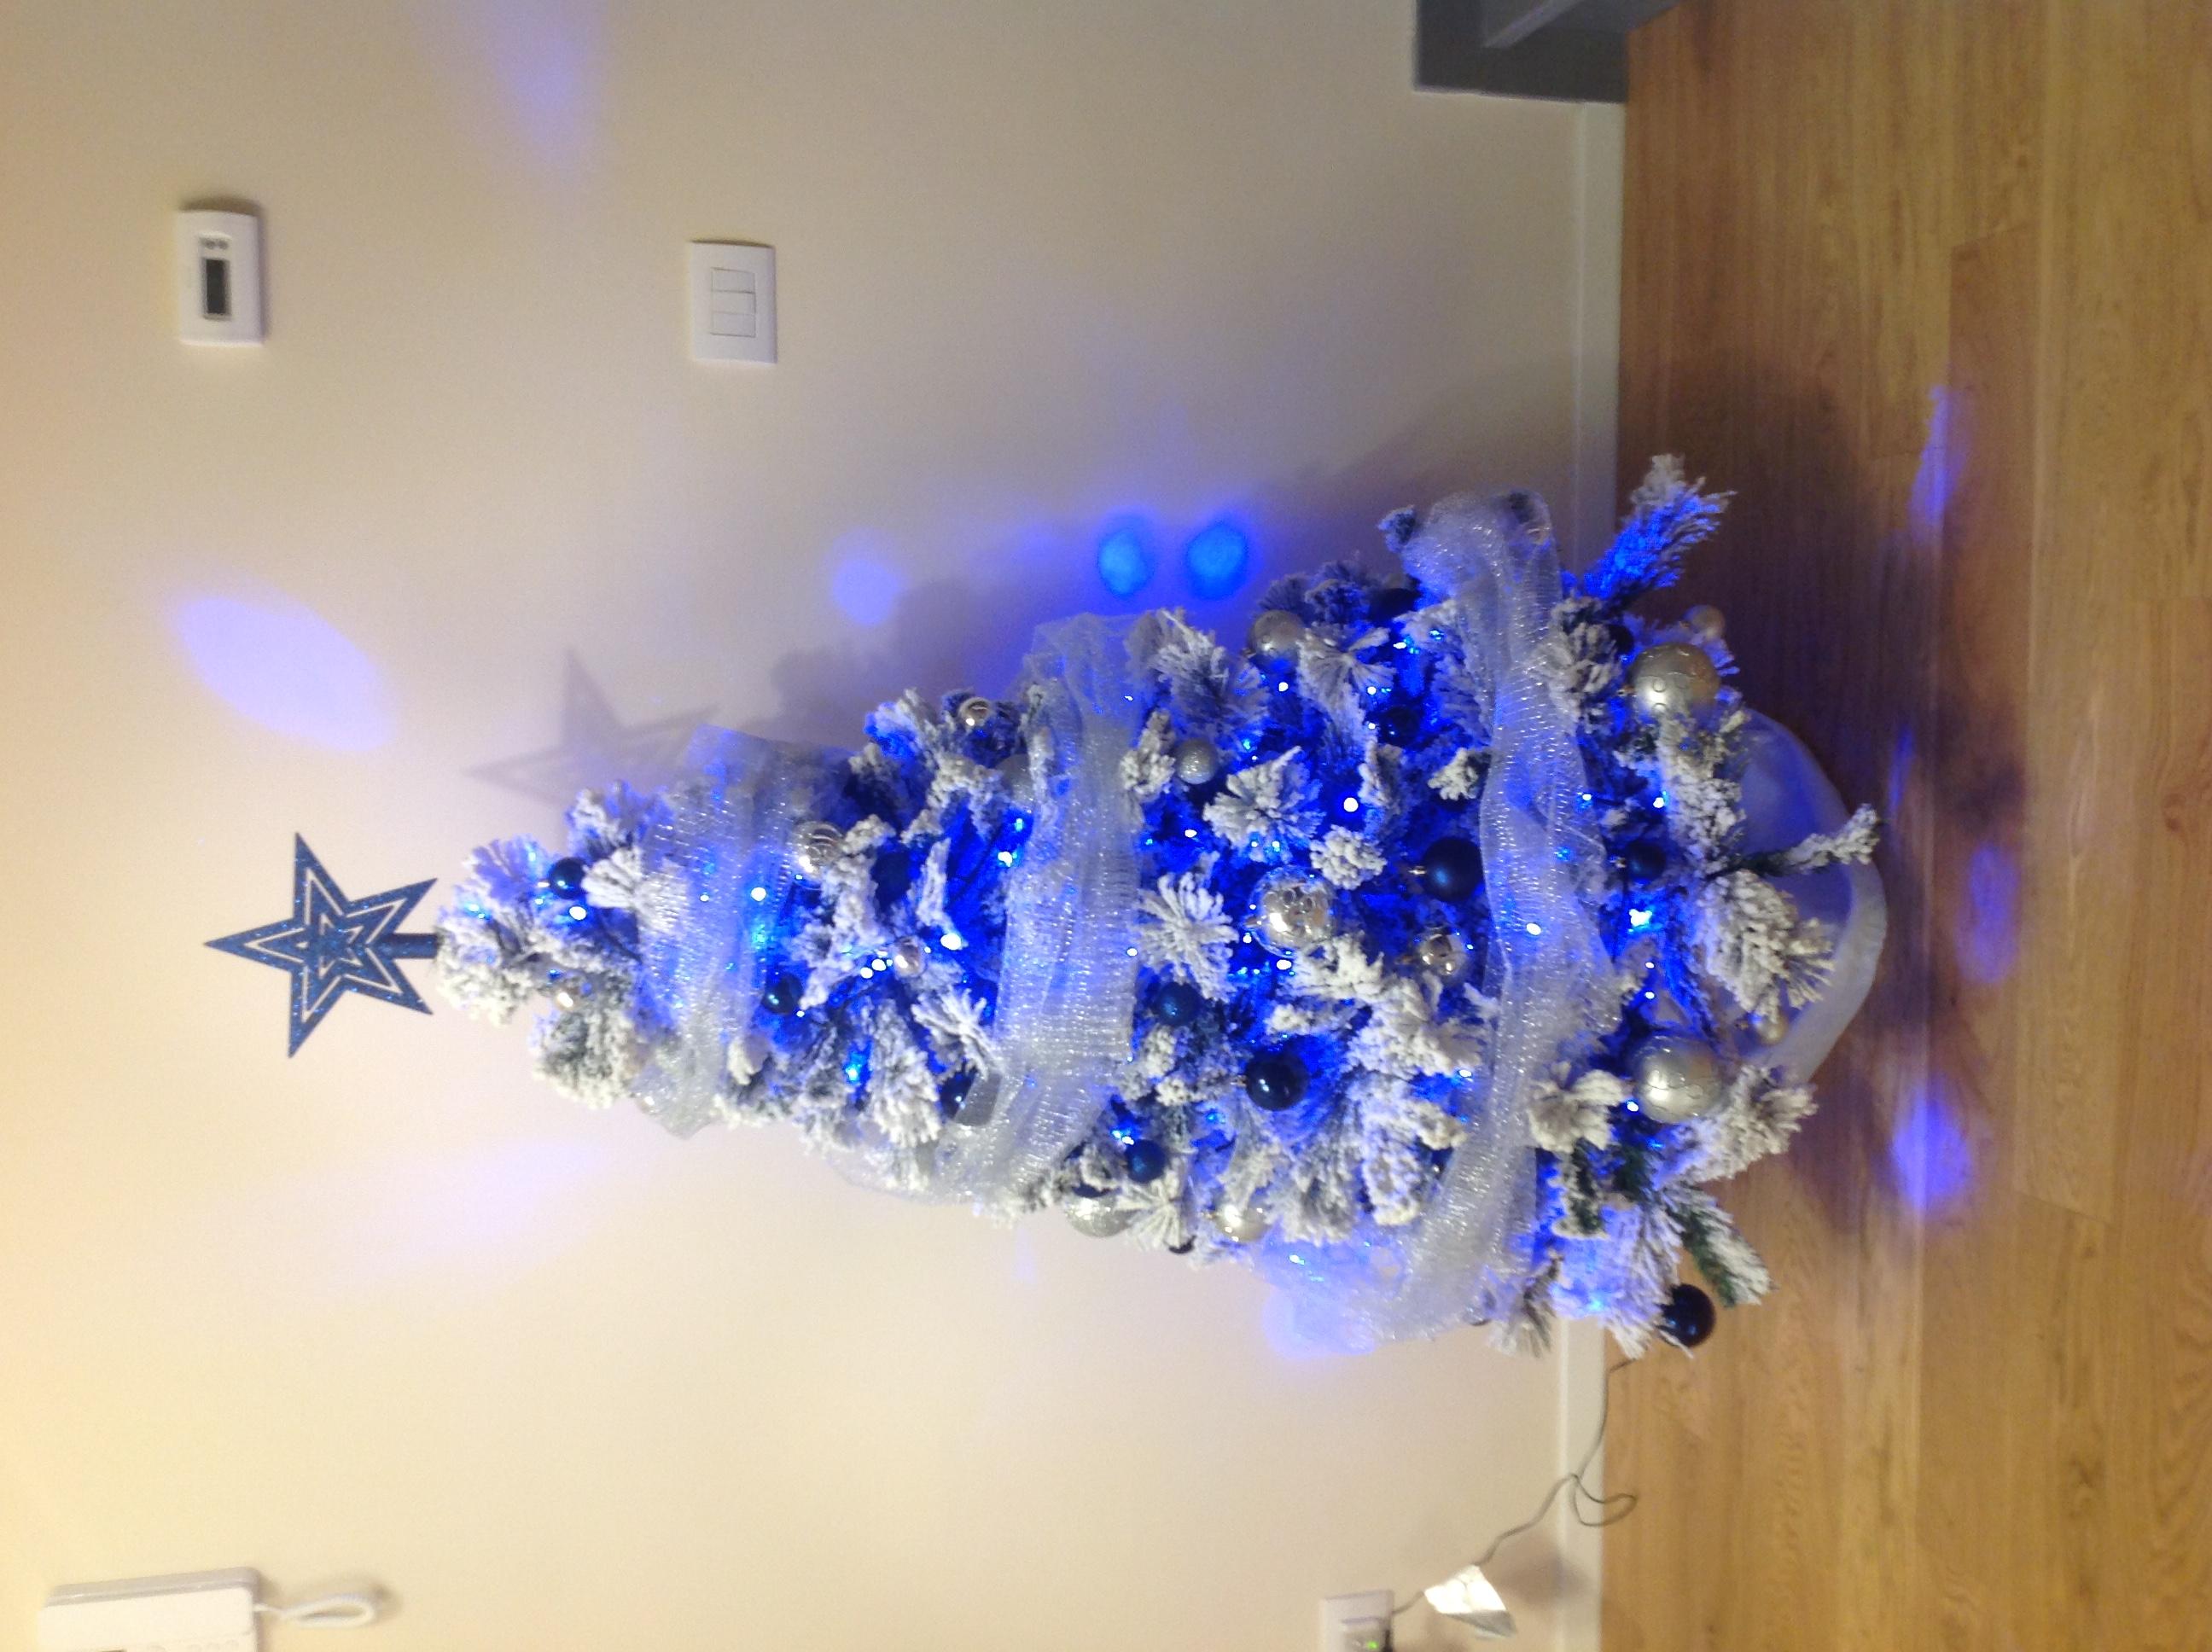 Albero Di Natale Argento E Blu.Albero Di Natale Azzurro E Bianco Ecco Quello Di Sandra Piana Notizie